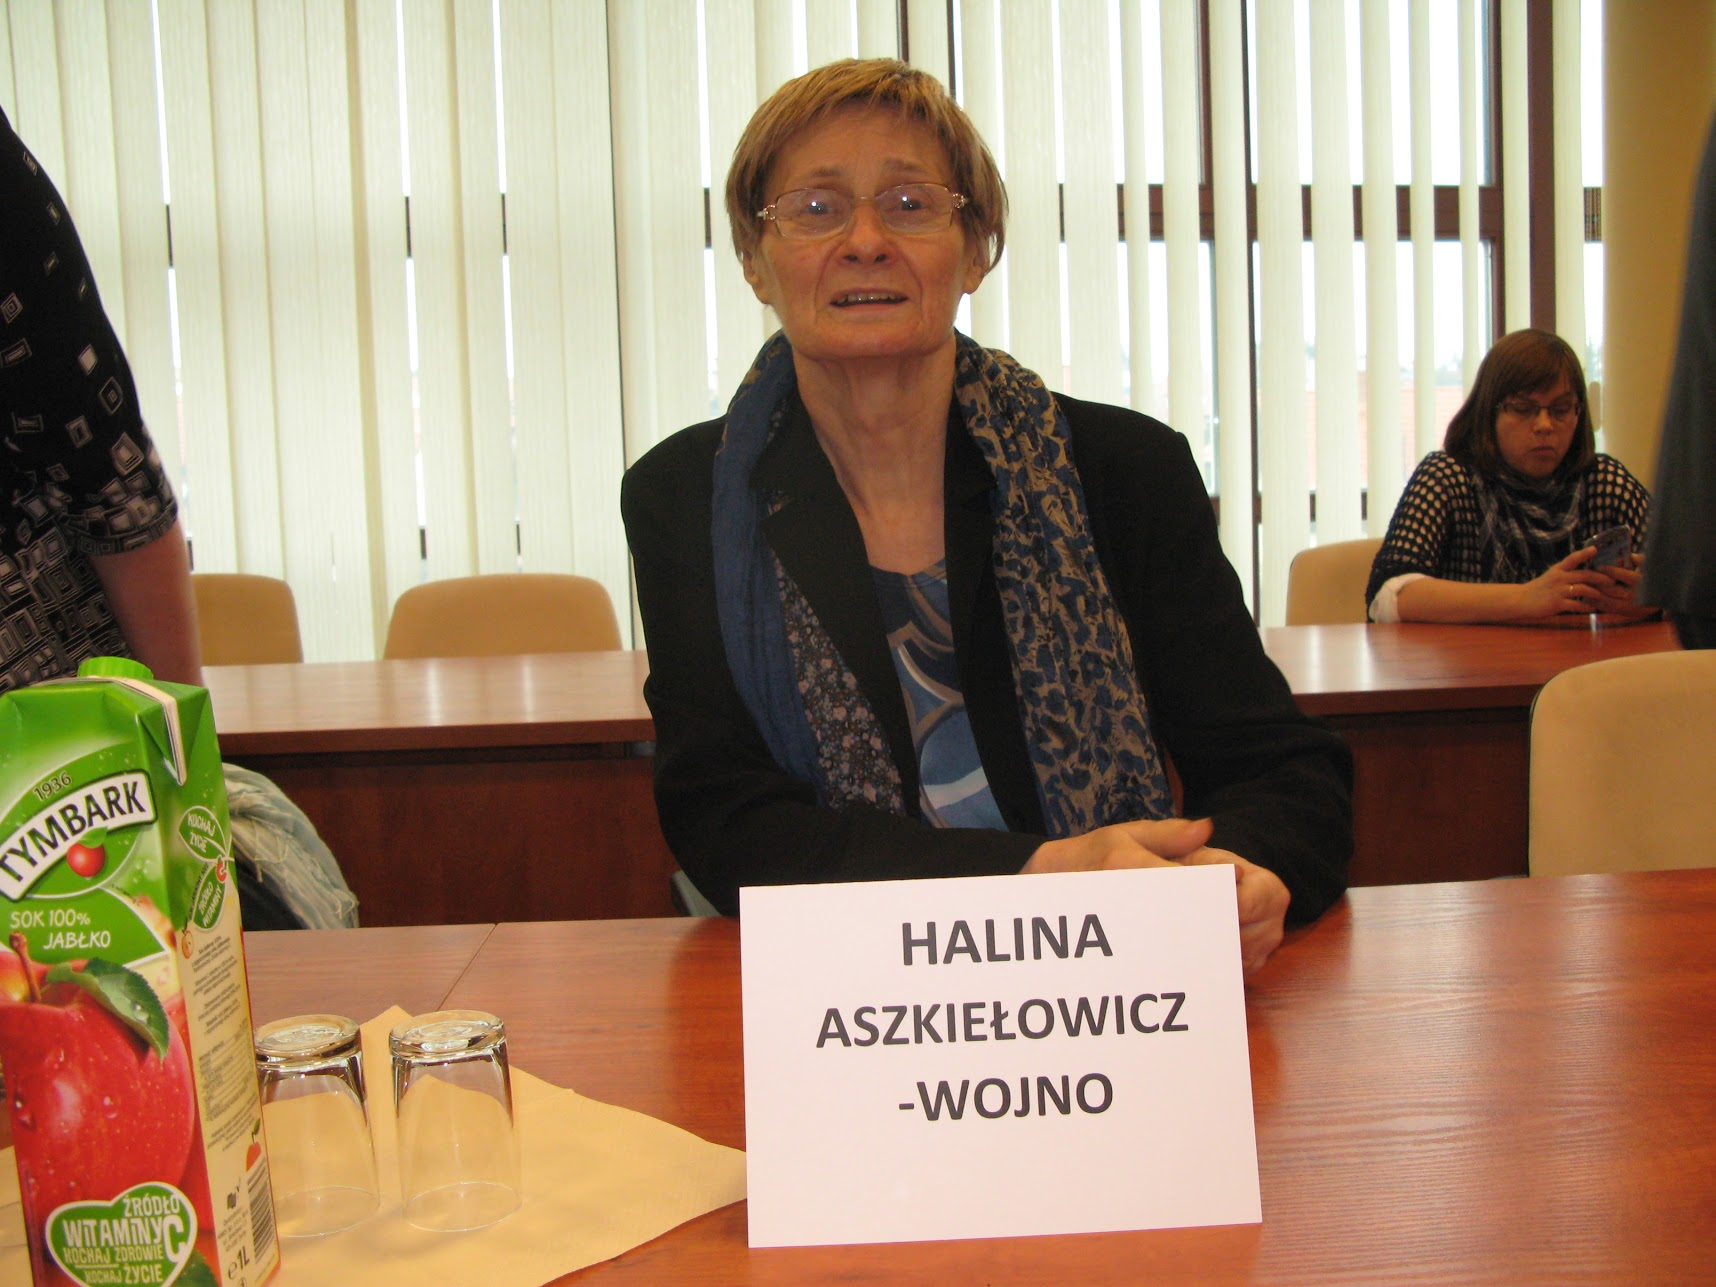 2016 » Halina Aszkiełowicz-Wojno - w dniu 25 listopada otrzymała tytuł